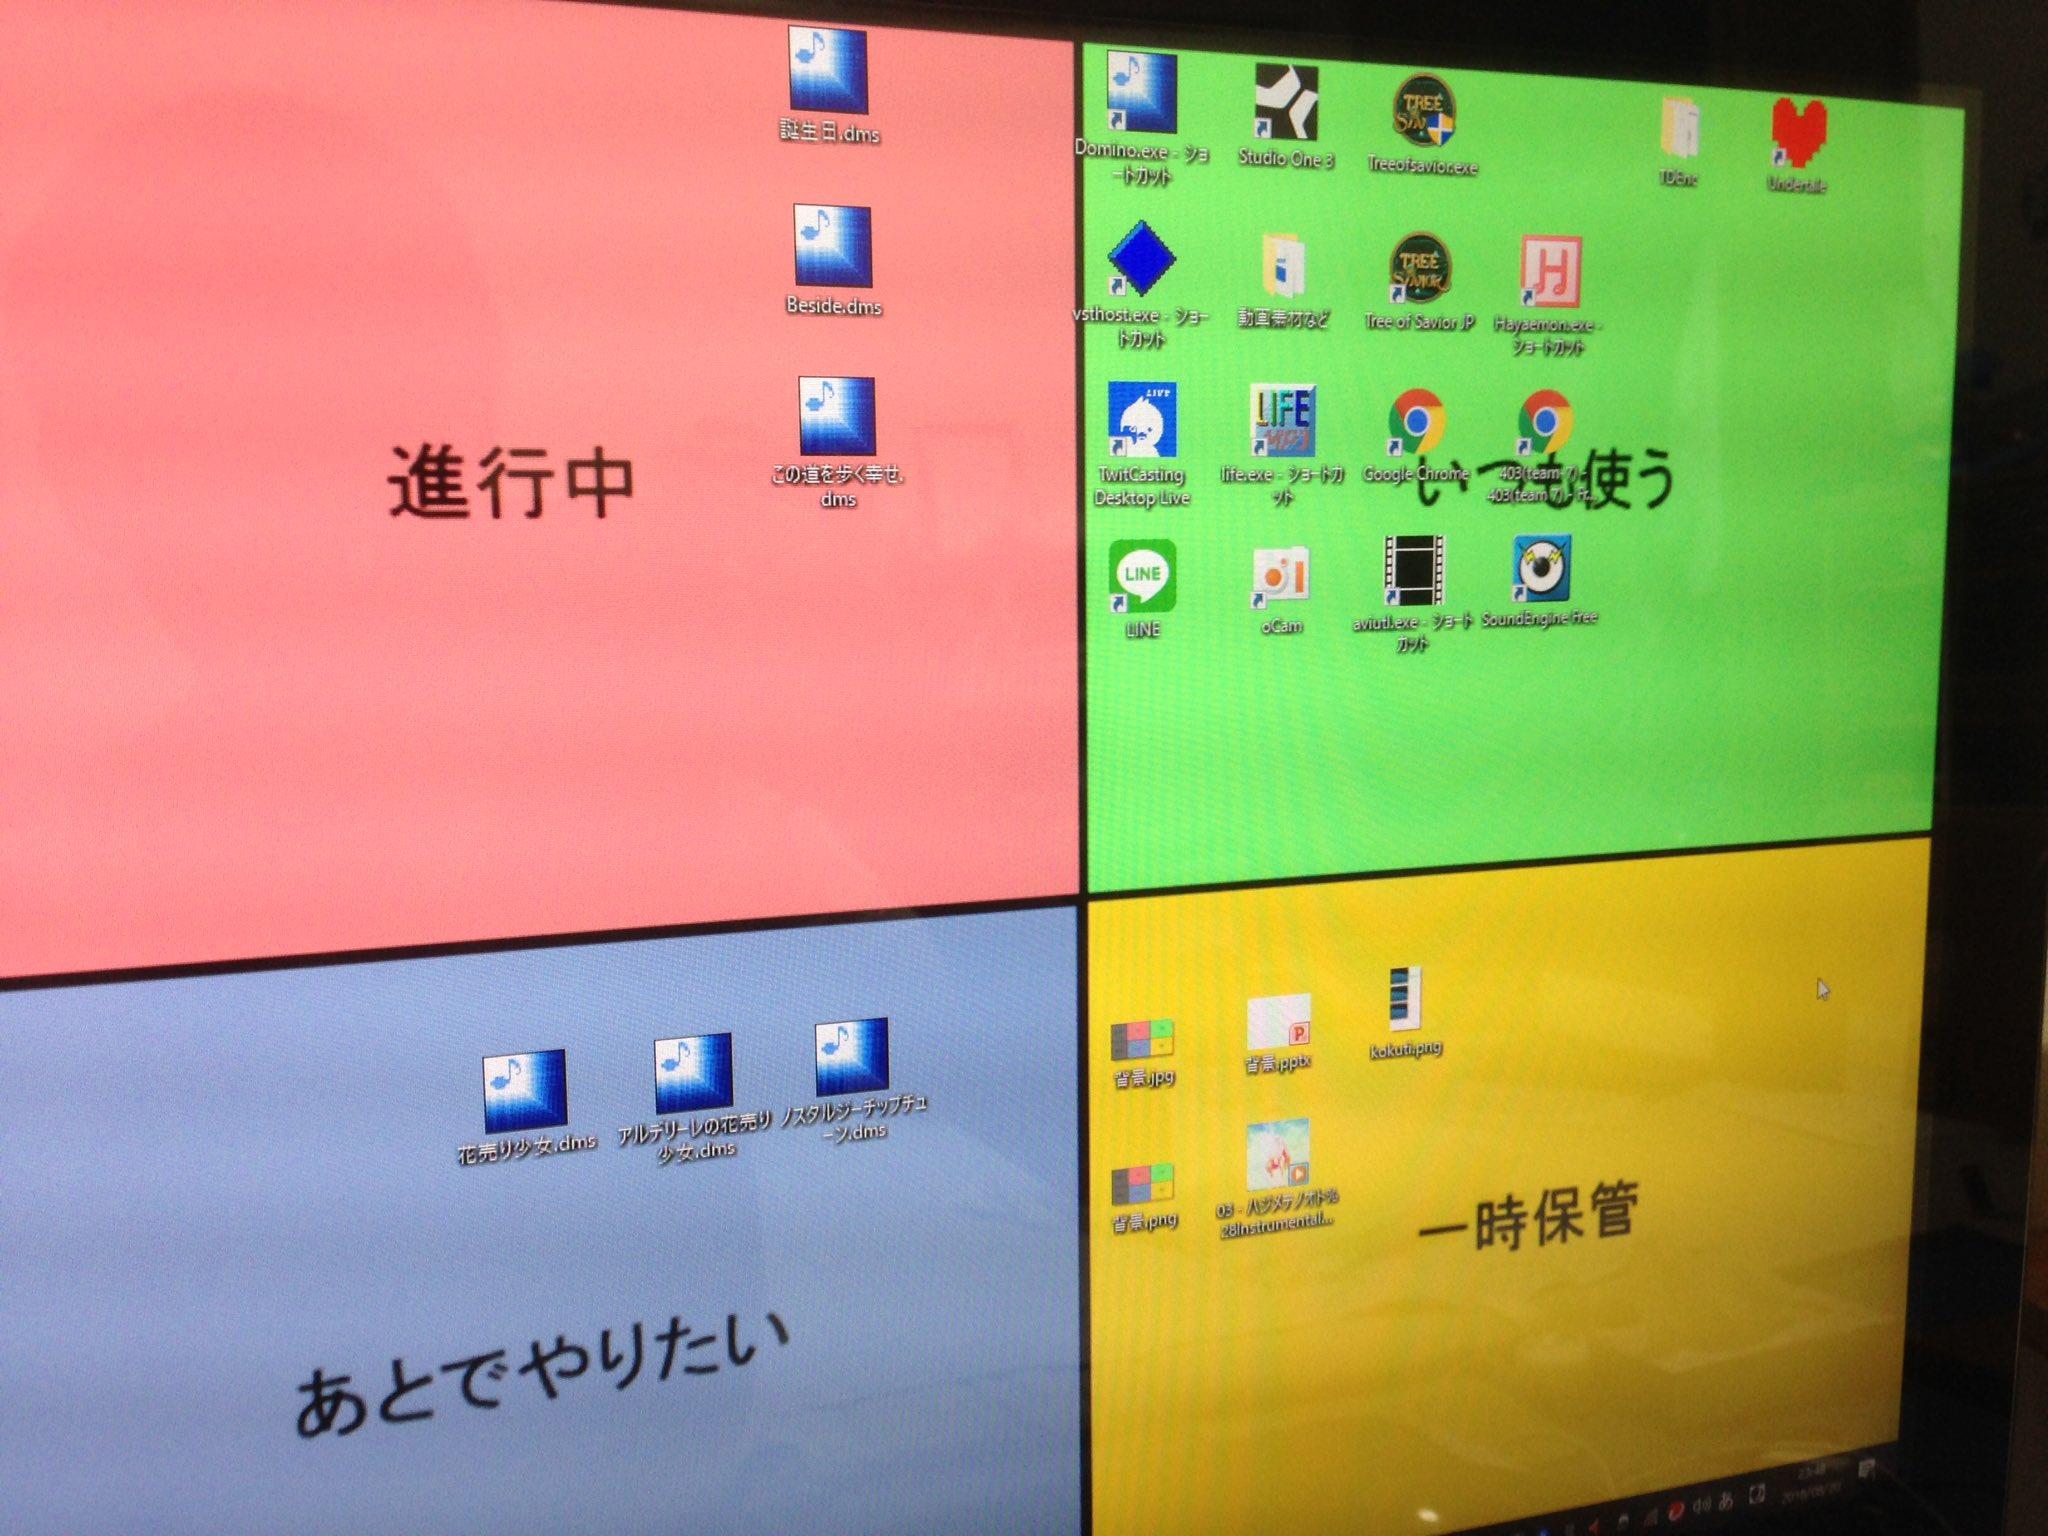 Windowsのロゴを意識した新しいデスクトップ整理術がすごい 話題の